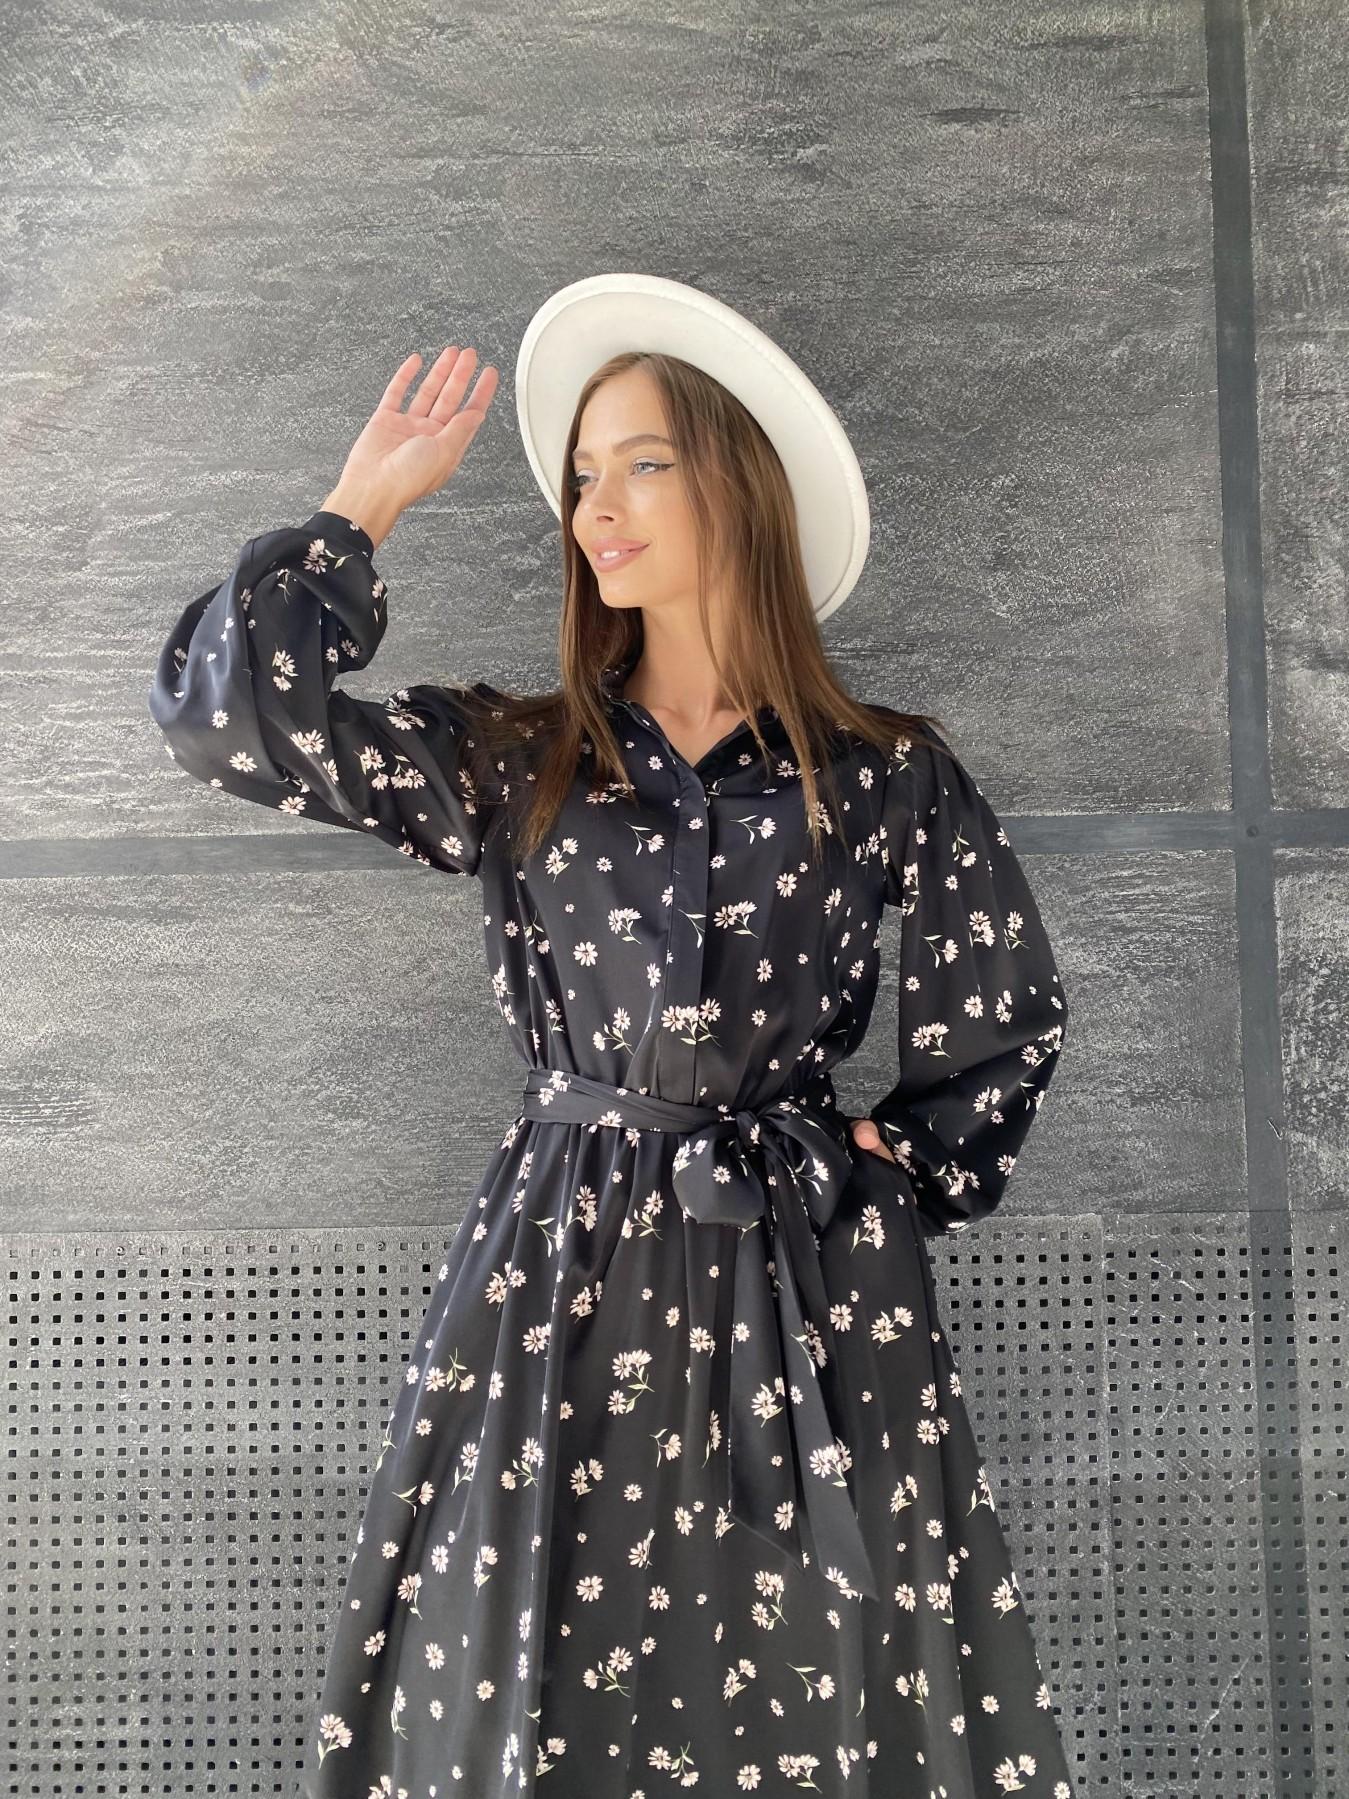 Жасмин д/р шелк принт платье 11716 АРТ. 48417 Цвет: Черный/пудра/хризантема - фото 7, интернет магазин tm-modus.ru